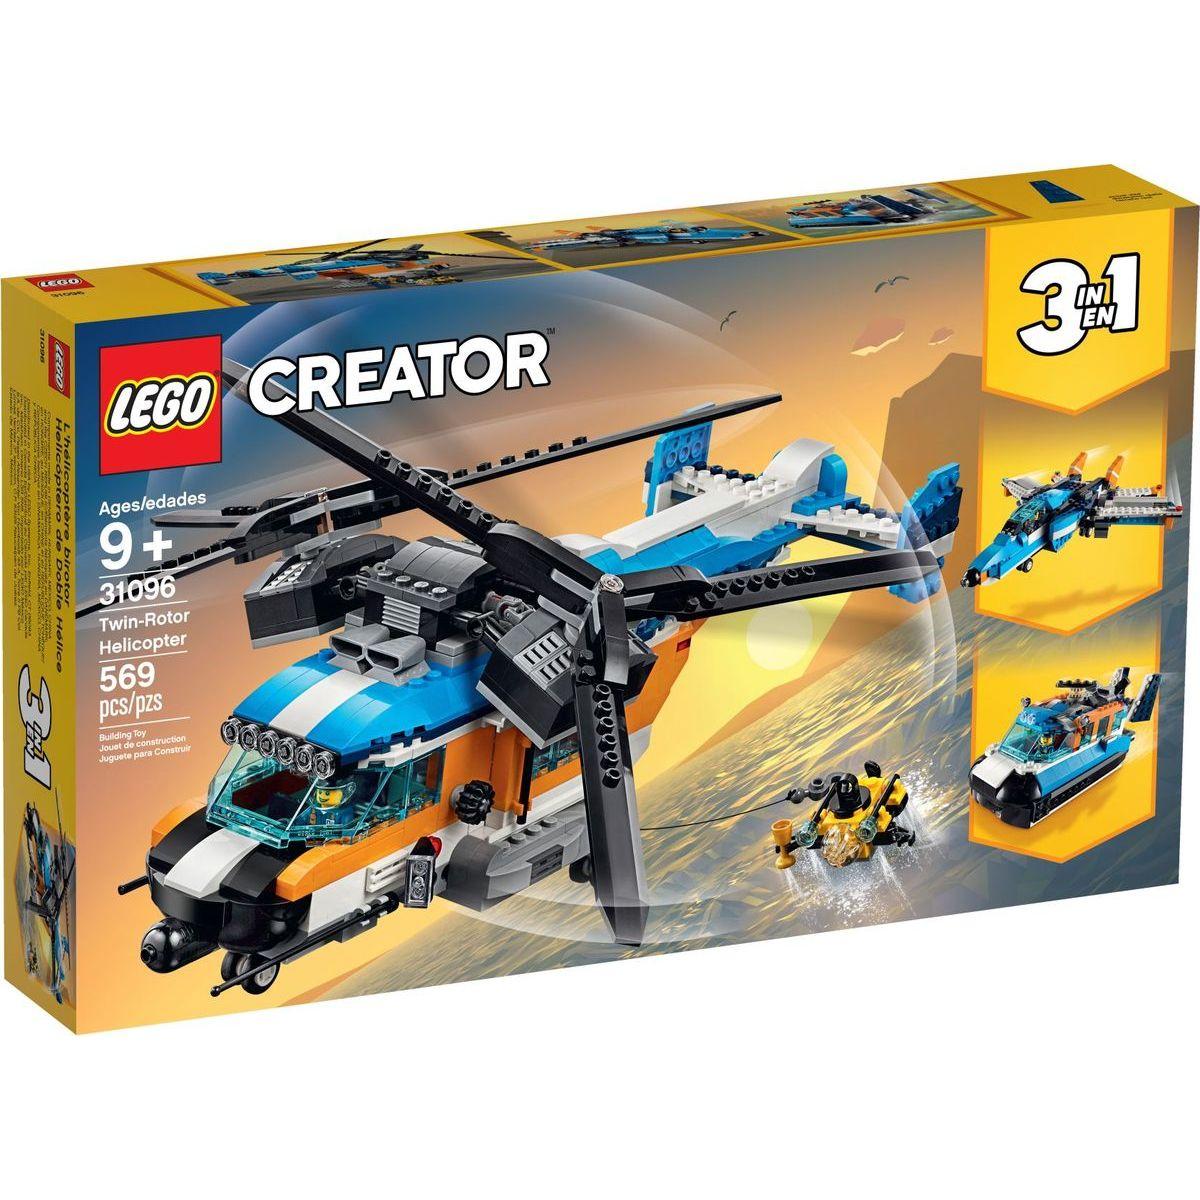 LEGO Creator 31096 Helikoptéra se dvěma rotory - Poškozený obal